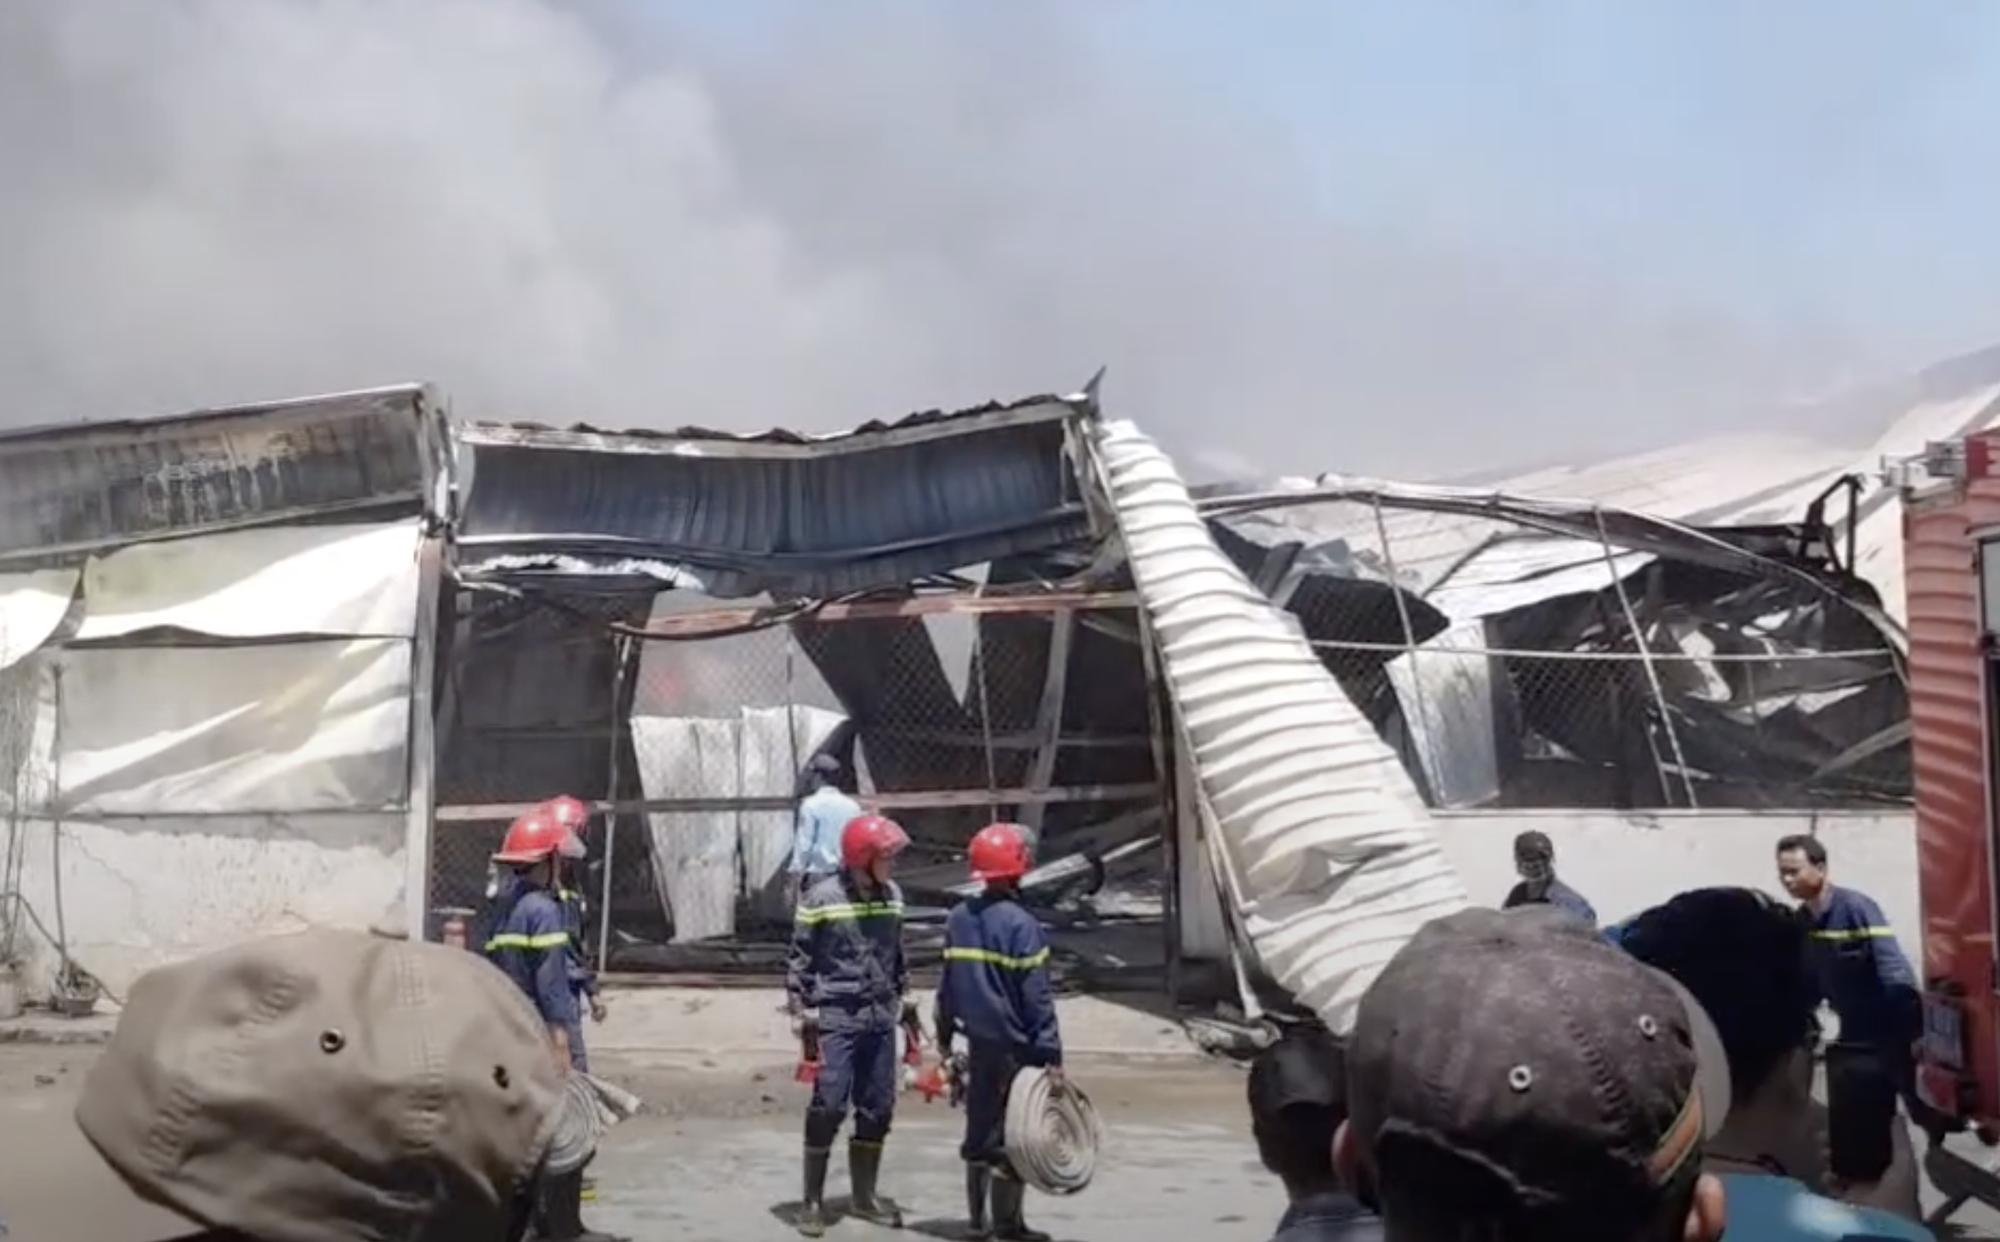 Công ty gỗ ở Bình Dương cháy dữ dội, nhiều người vô tư đến sát hiện trường... livestream dưới dòng điện cao thế - Ảnh 10.